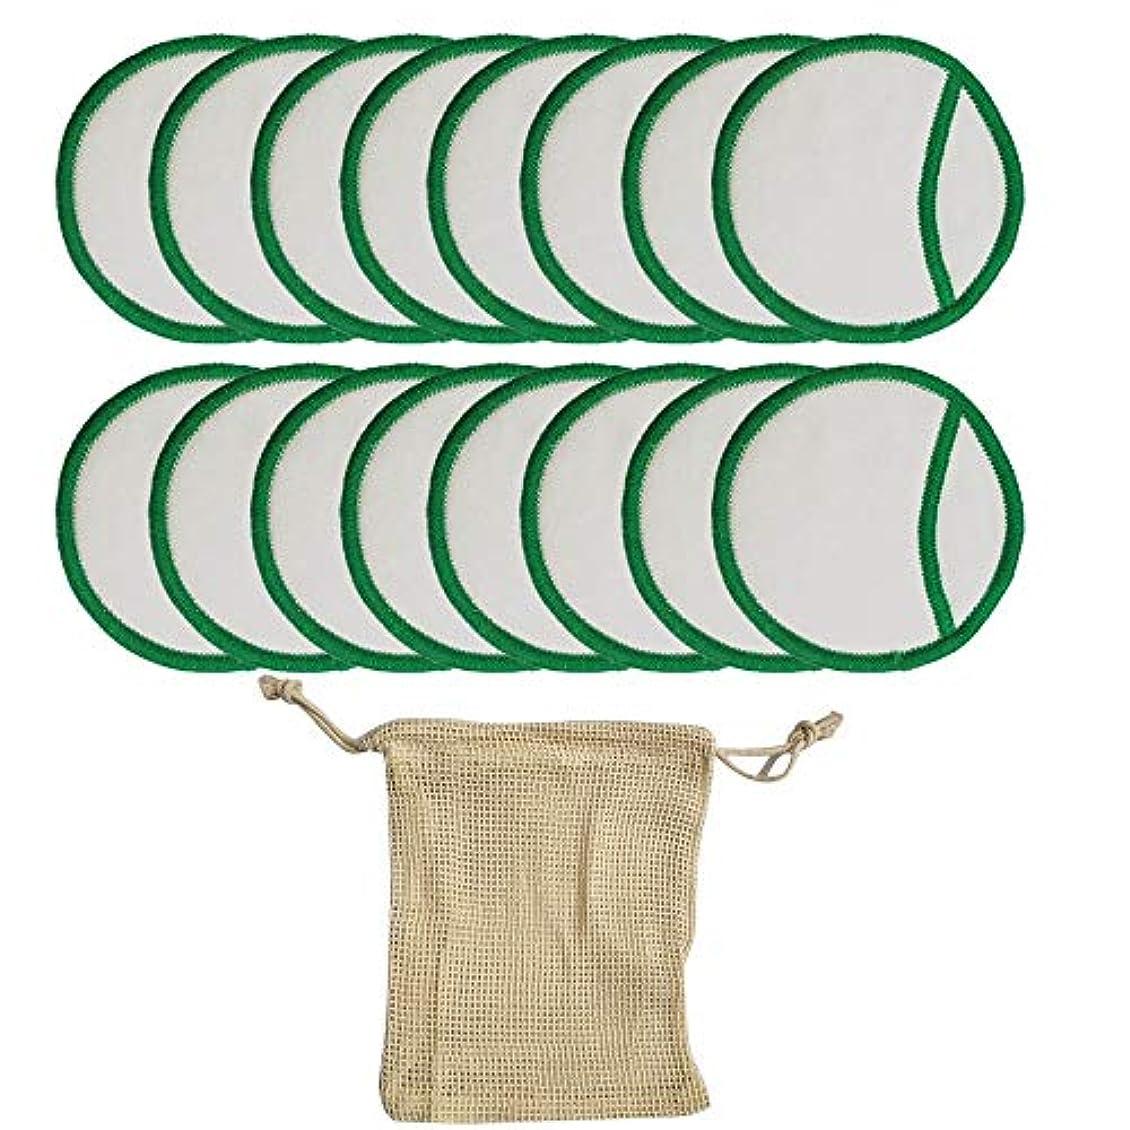 とても志すピンポイント16pcsメイクアップリムーバーパッド再利用可能な洗濯可能な3層竹フェイシャルクレンジングコットンワイプスキンケア用品用収納バッグ付き